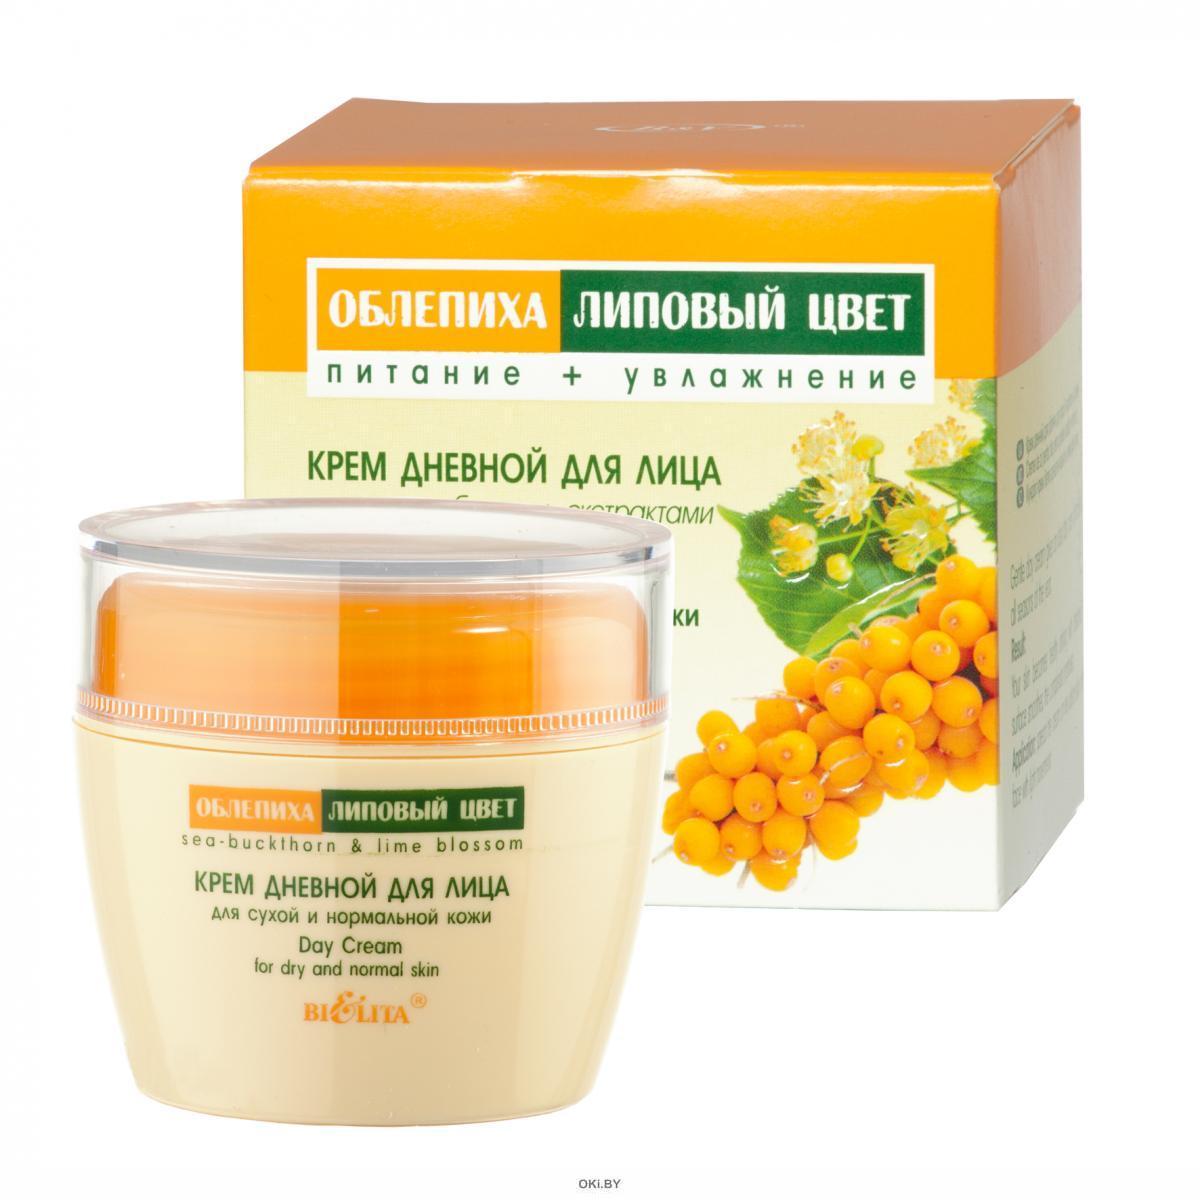 Крем дневной для лица для сухой и нормальной кожи, 50 мл (ОБЛЕПИХА)